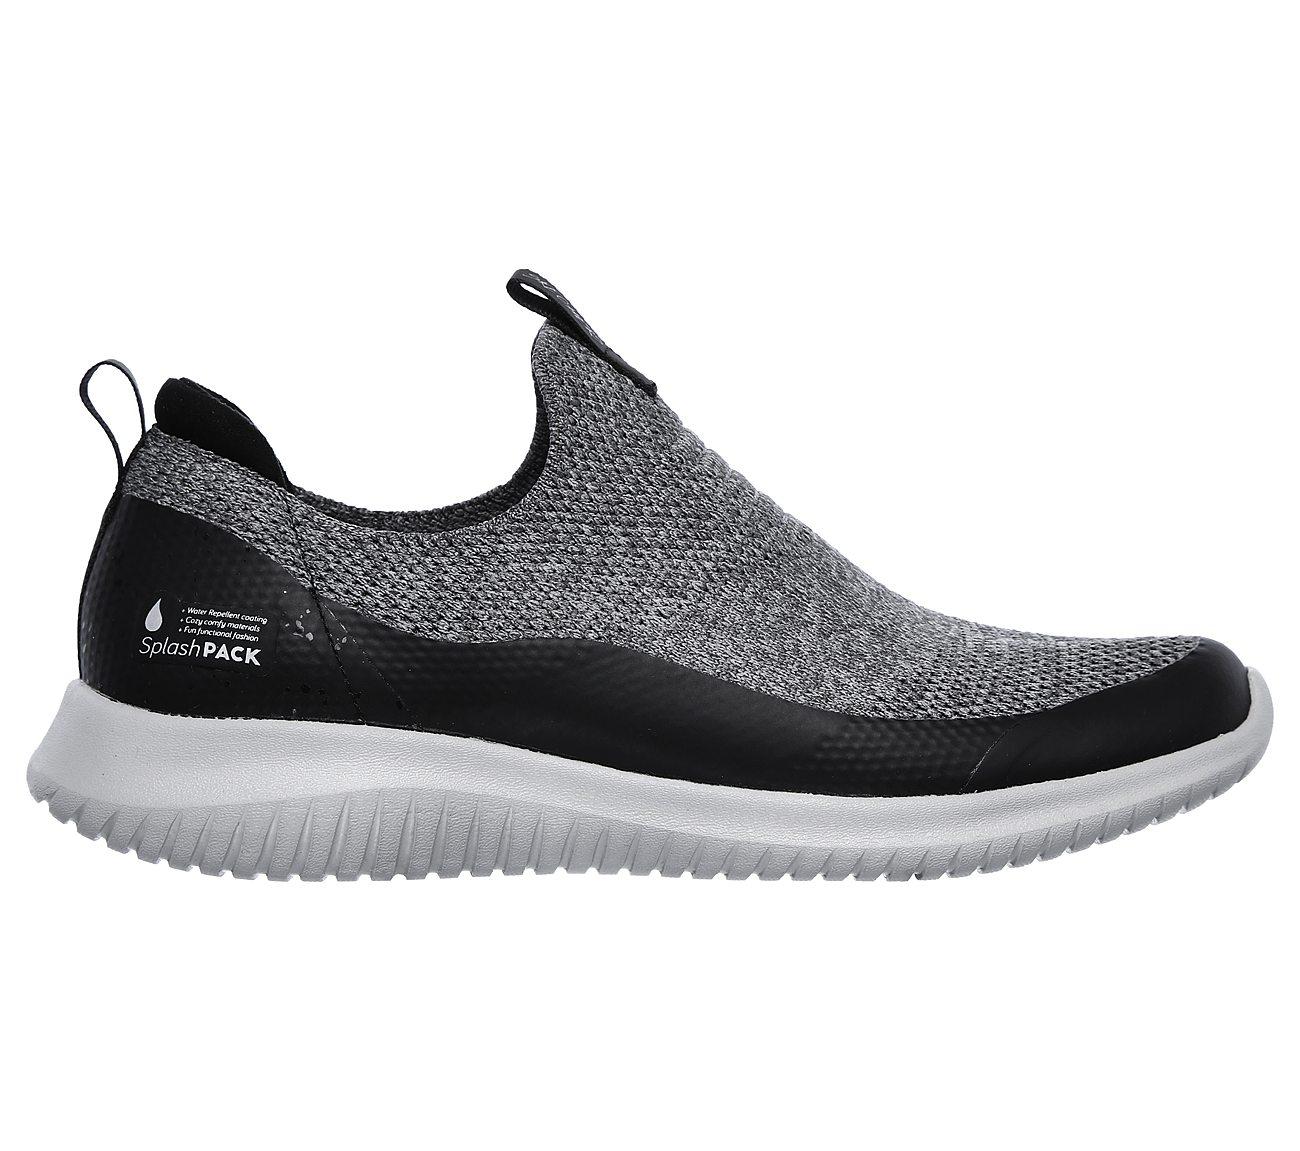 Skechers Ultra Flex Schoenen Online Vergelijken en kopen